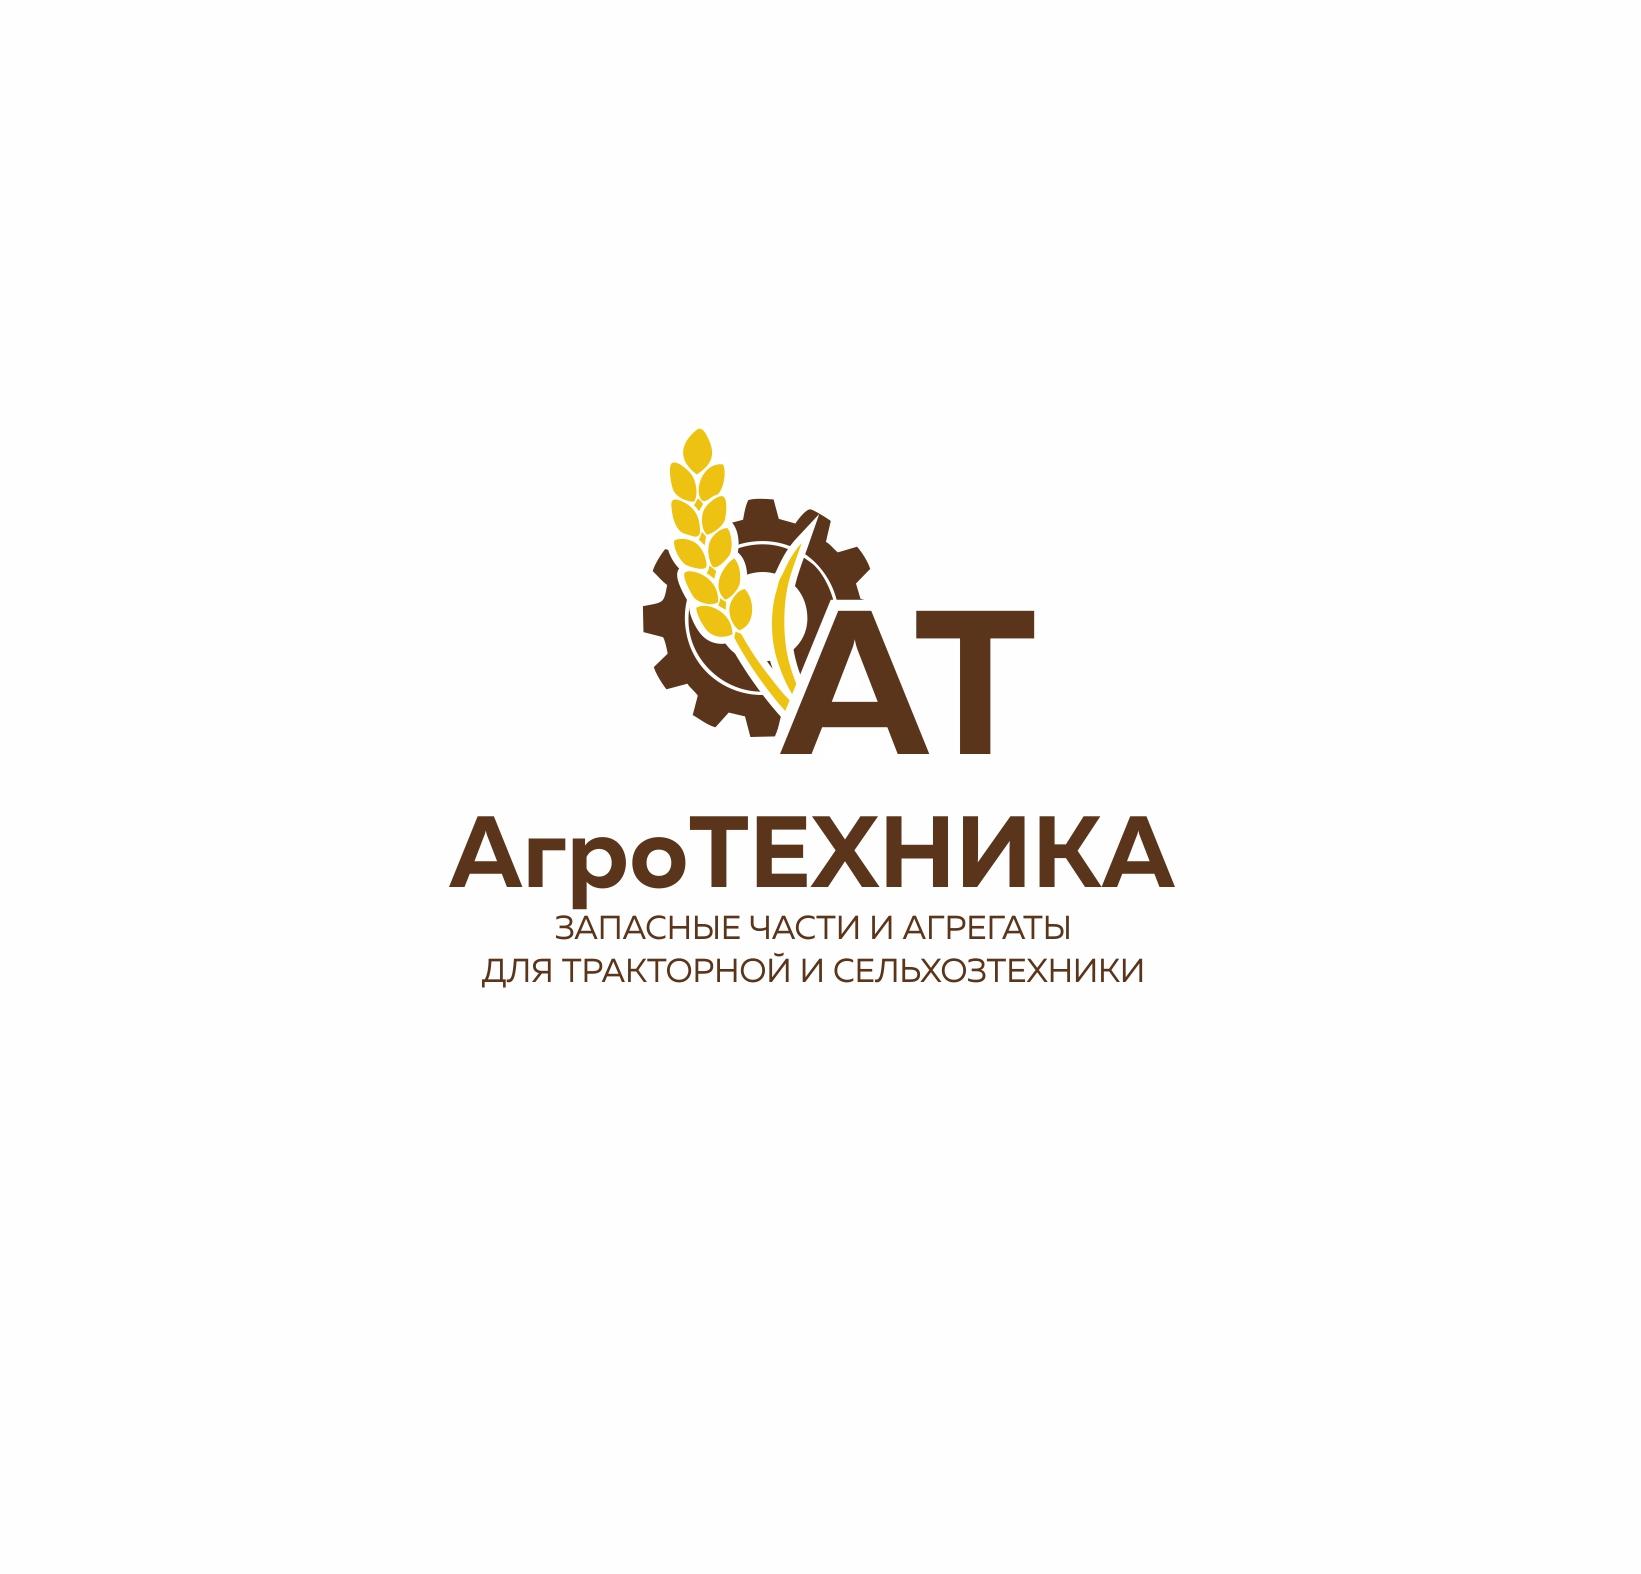 Разработка логотипа для компании Агротехника фото f_5455c04c0fa5491e.jpg